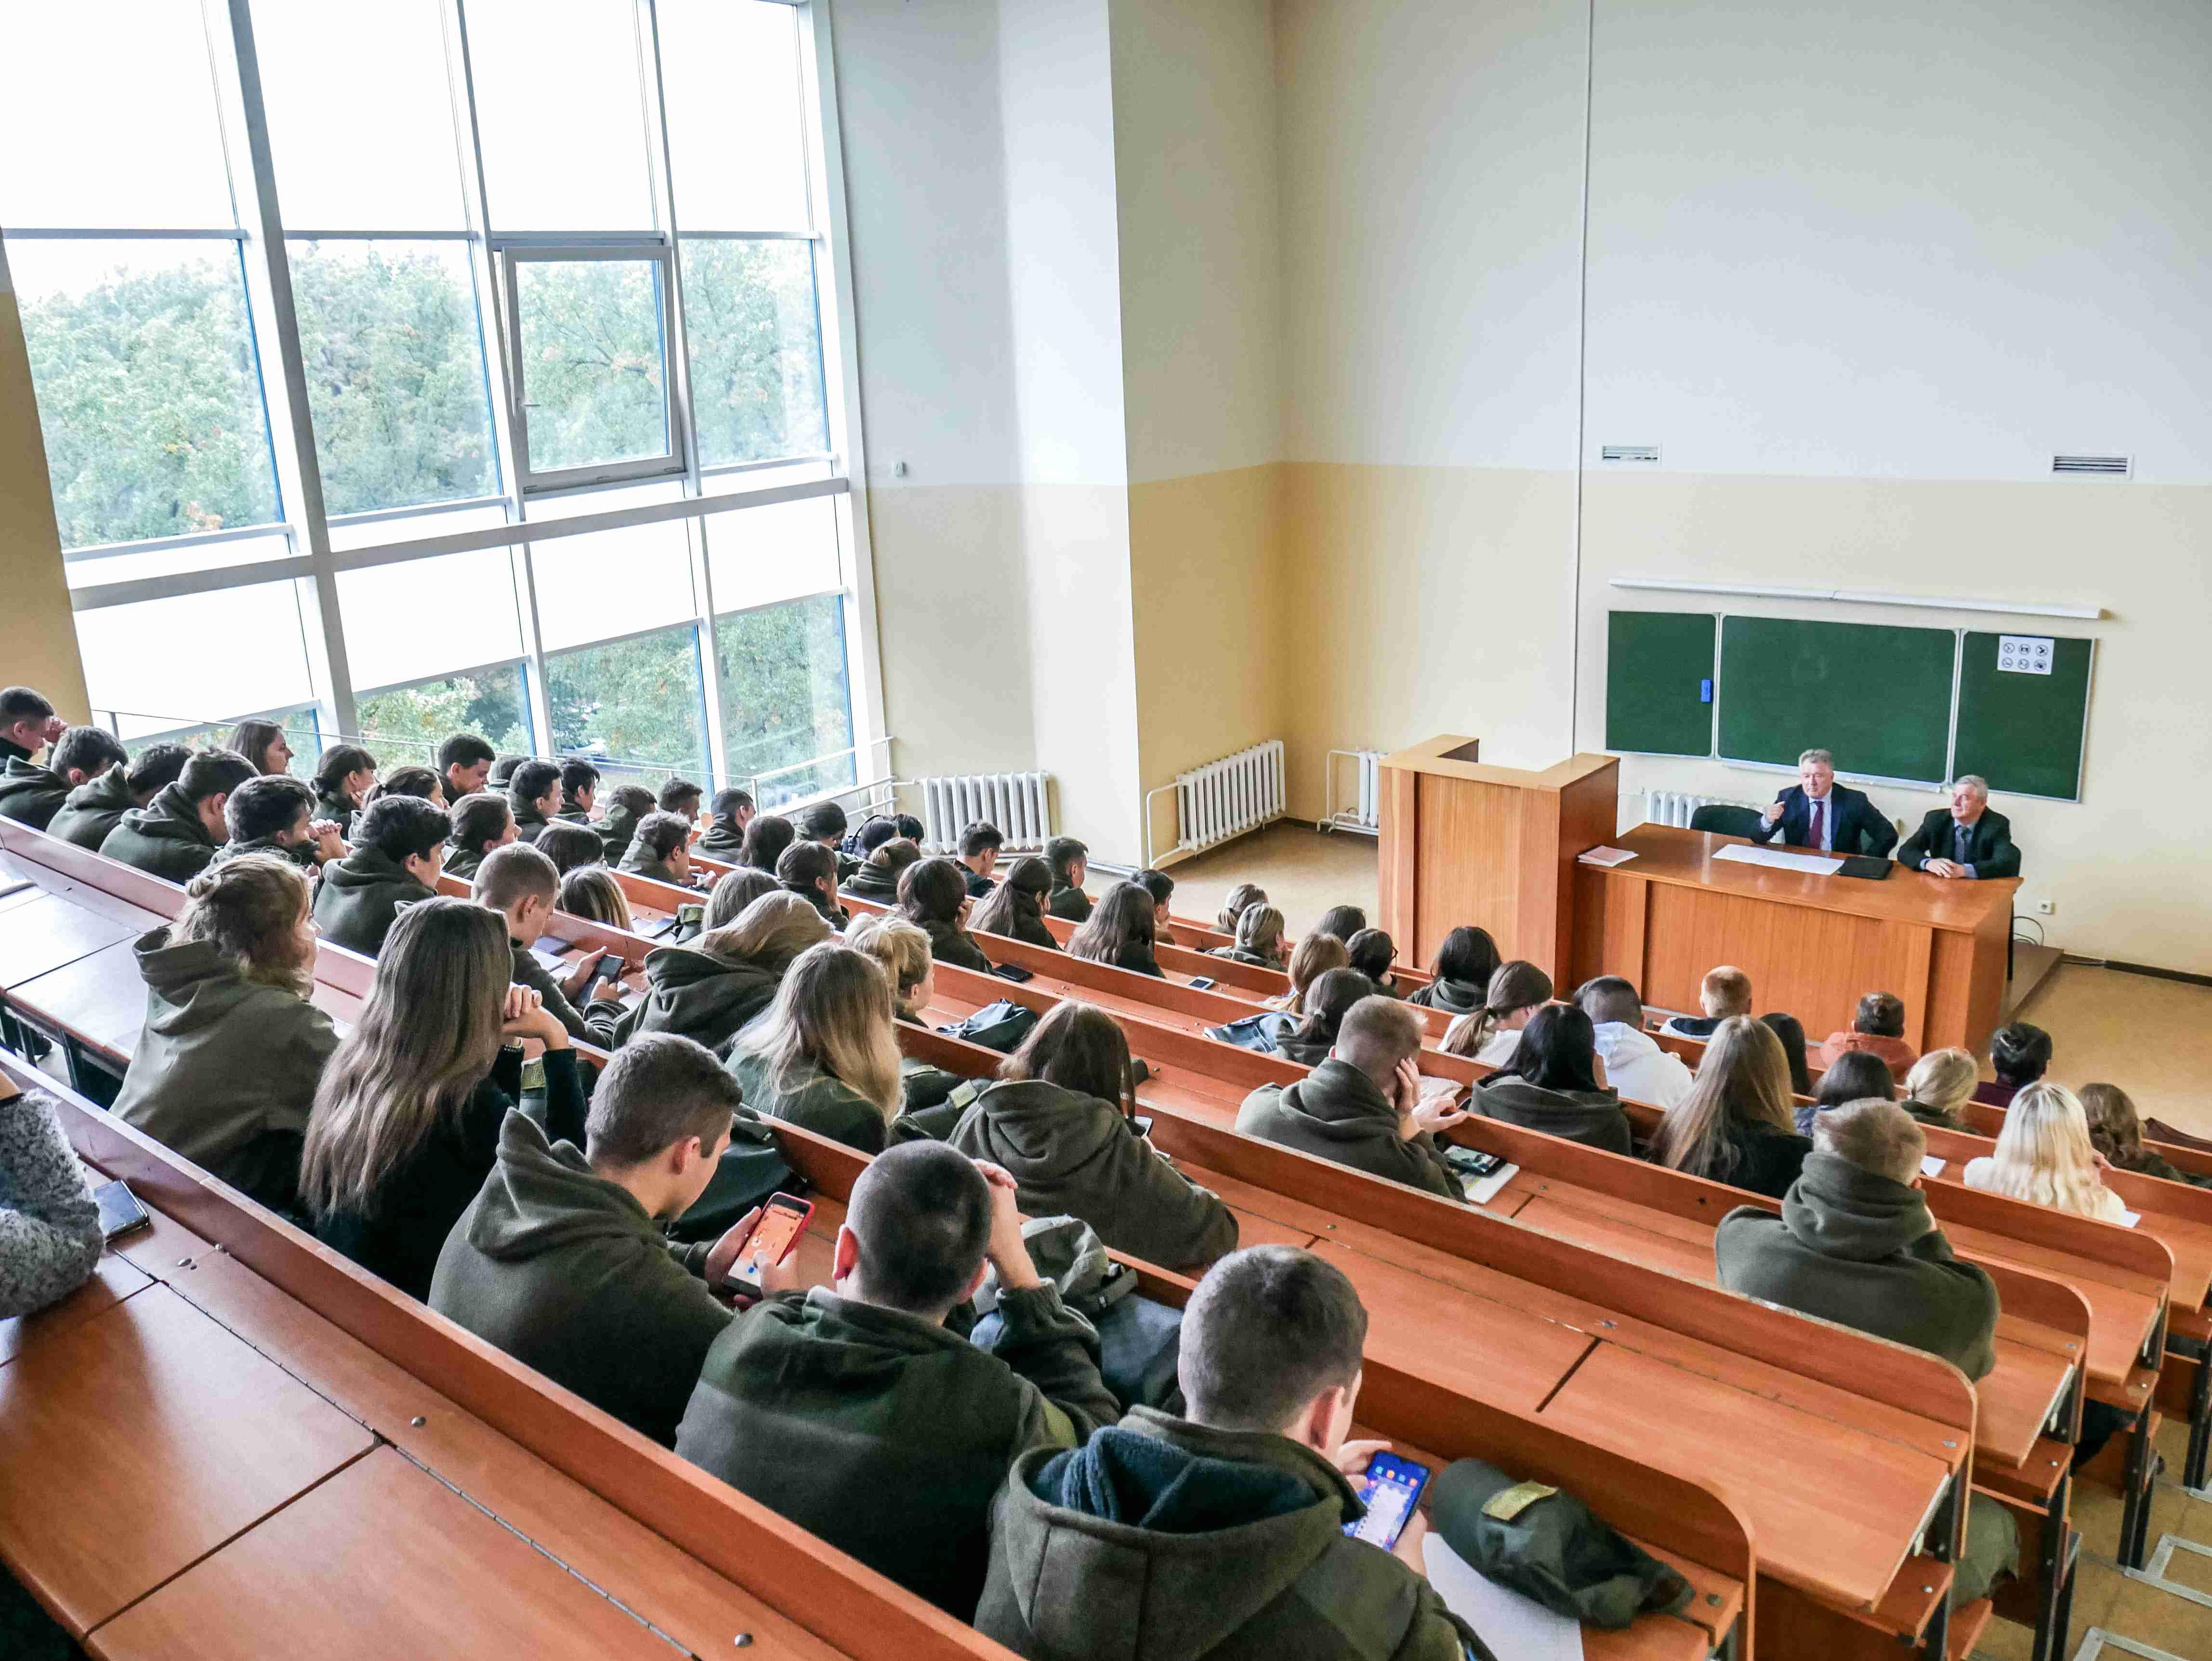 З лекцією виступив суддя Верховного Суду, Заслужений юрист України Бенедисюк Ігор Михайлович.